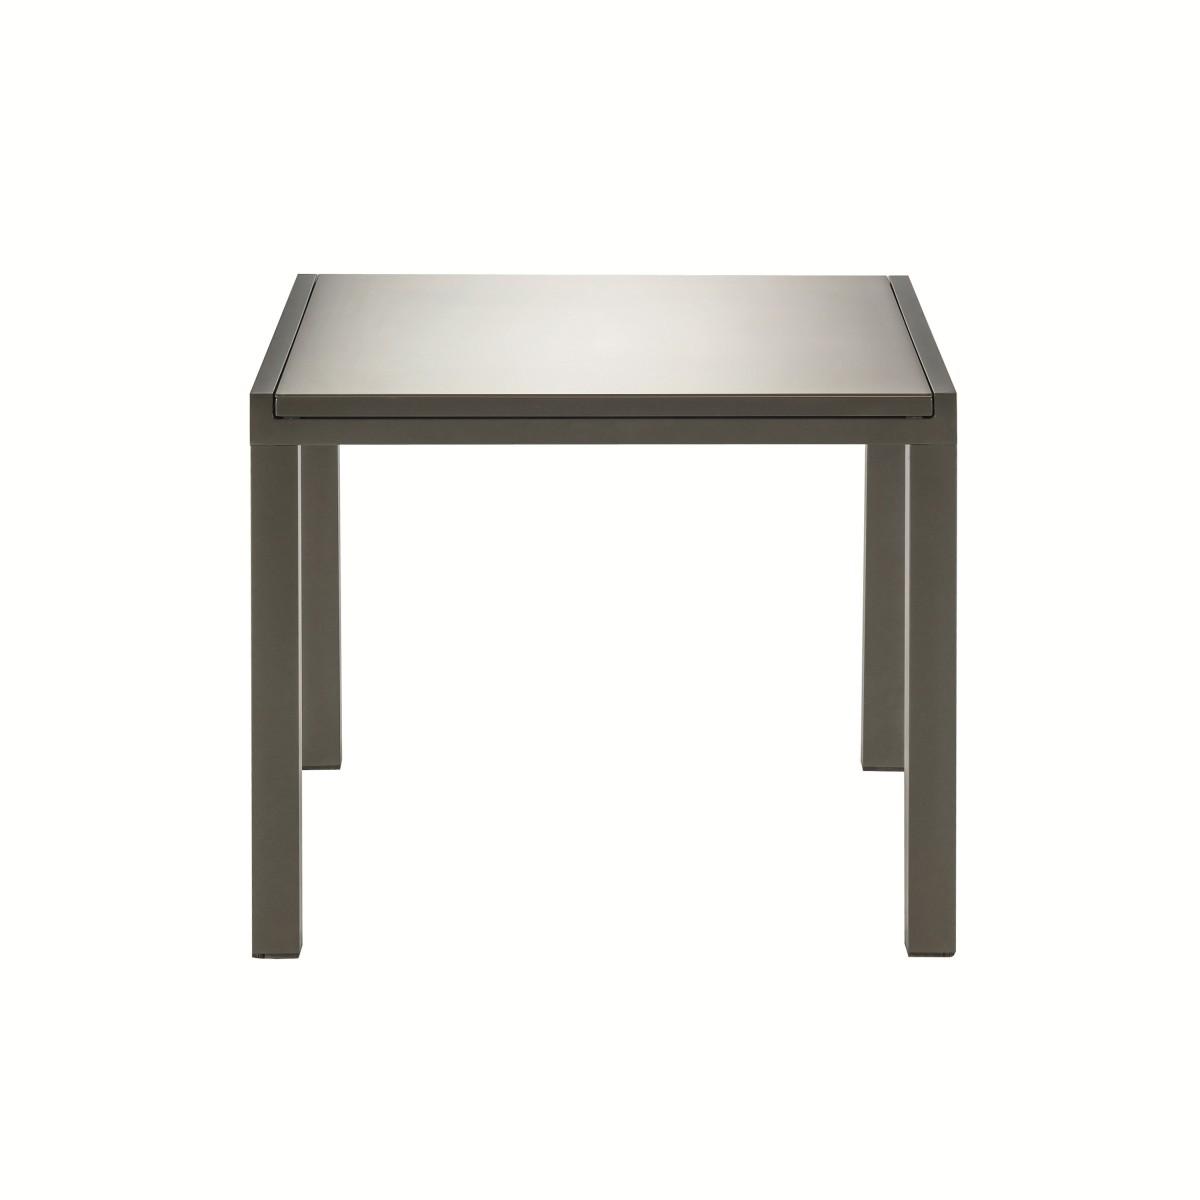 Стол садовый раздвижной Naterial Lyra Up&Down 90-160х90х75 см алюминий/стекло коричневый